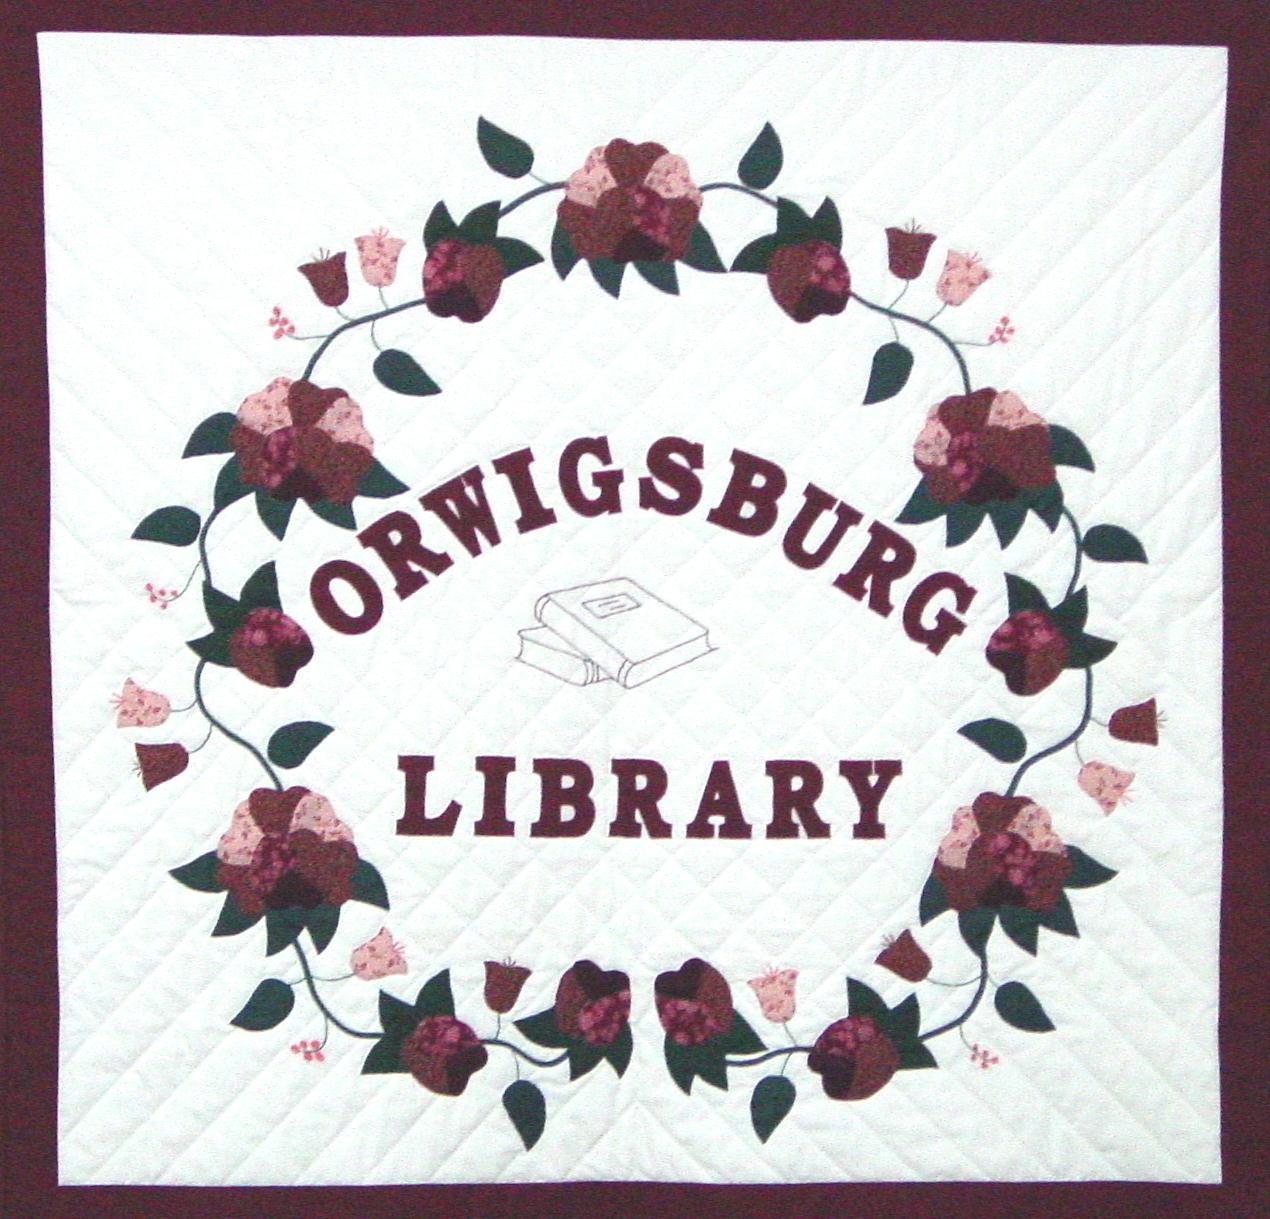 Orwigsburg Free Public Library